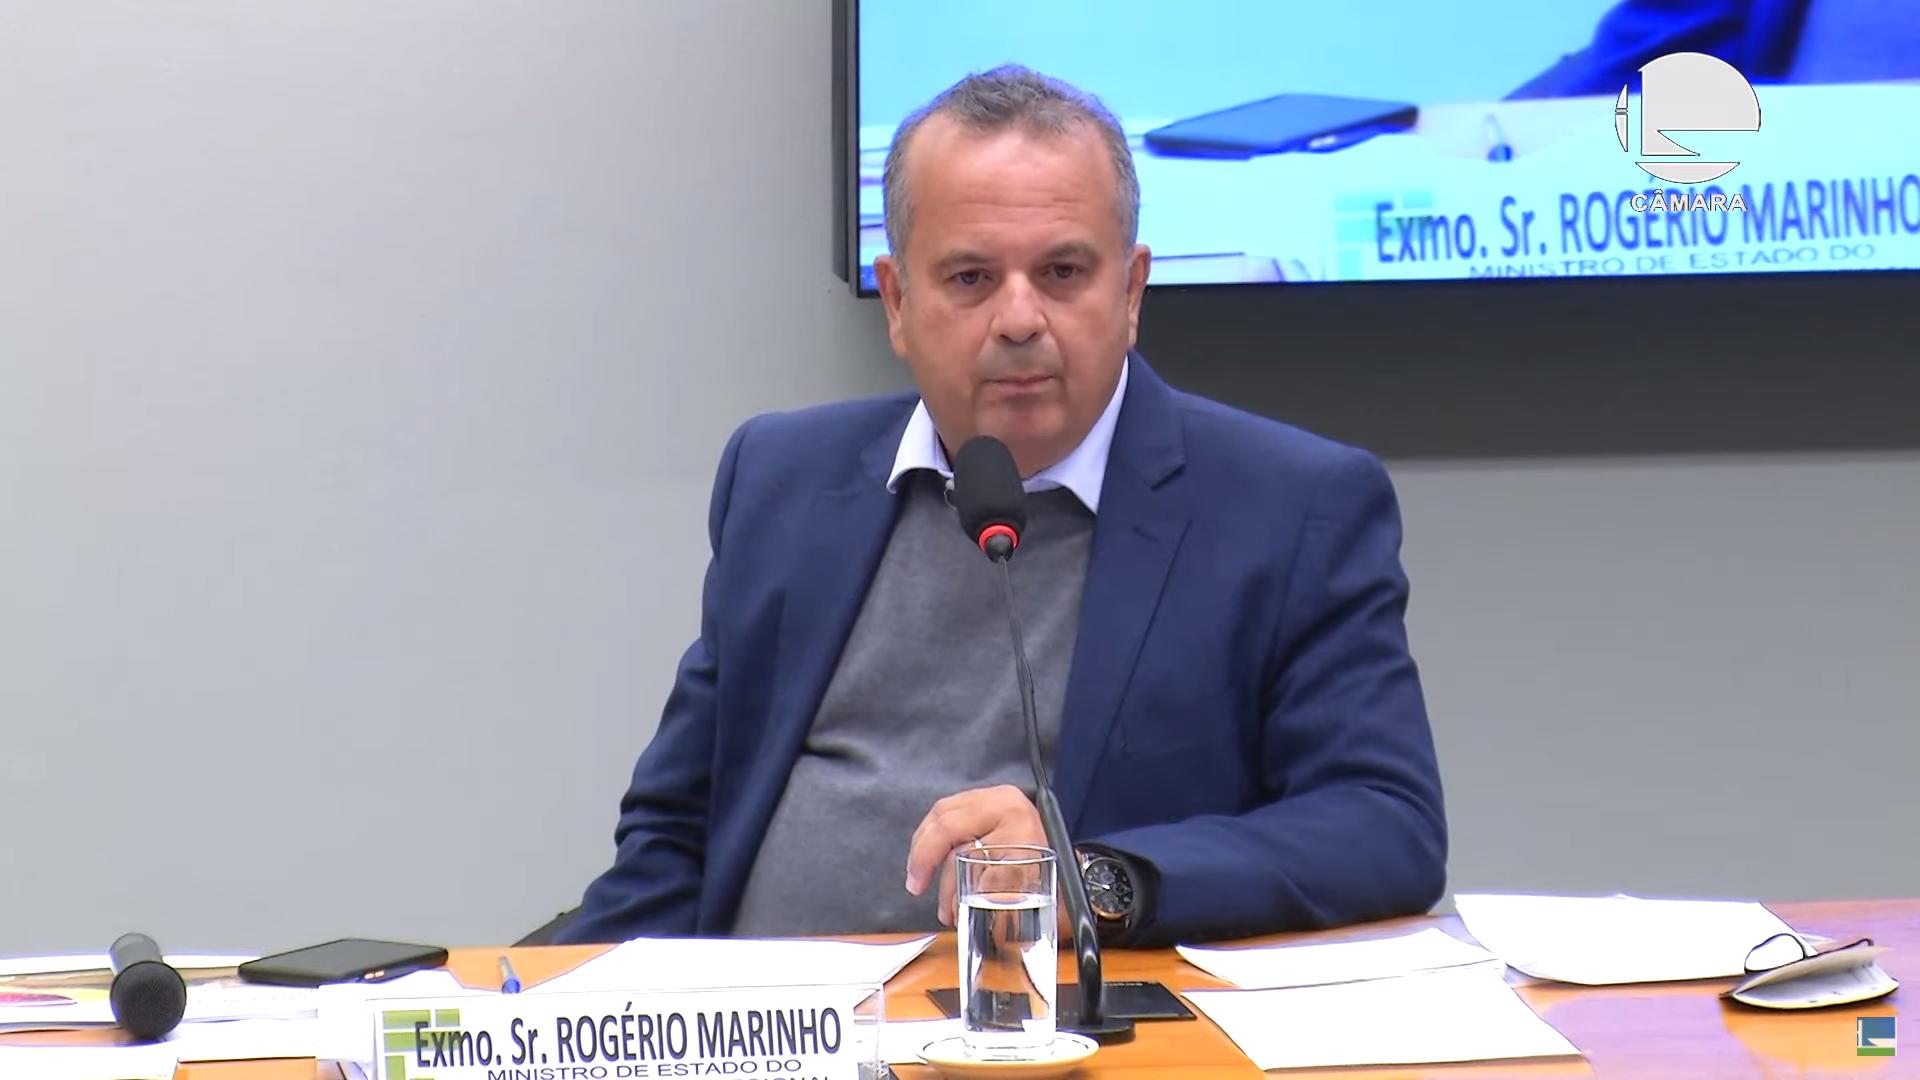 IMAGEM: Rogério Marinho diz que reunião que teve filho 04 foi solicitada pelo gabinete de Bolsonaro